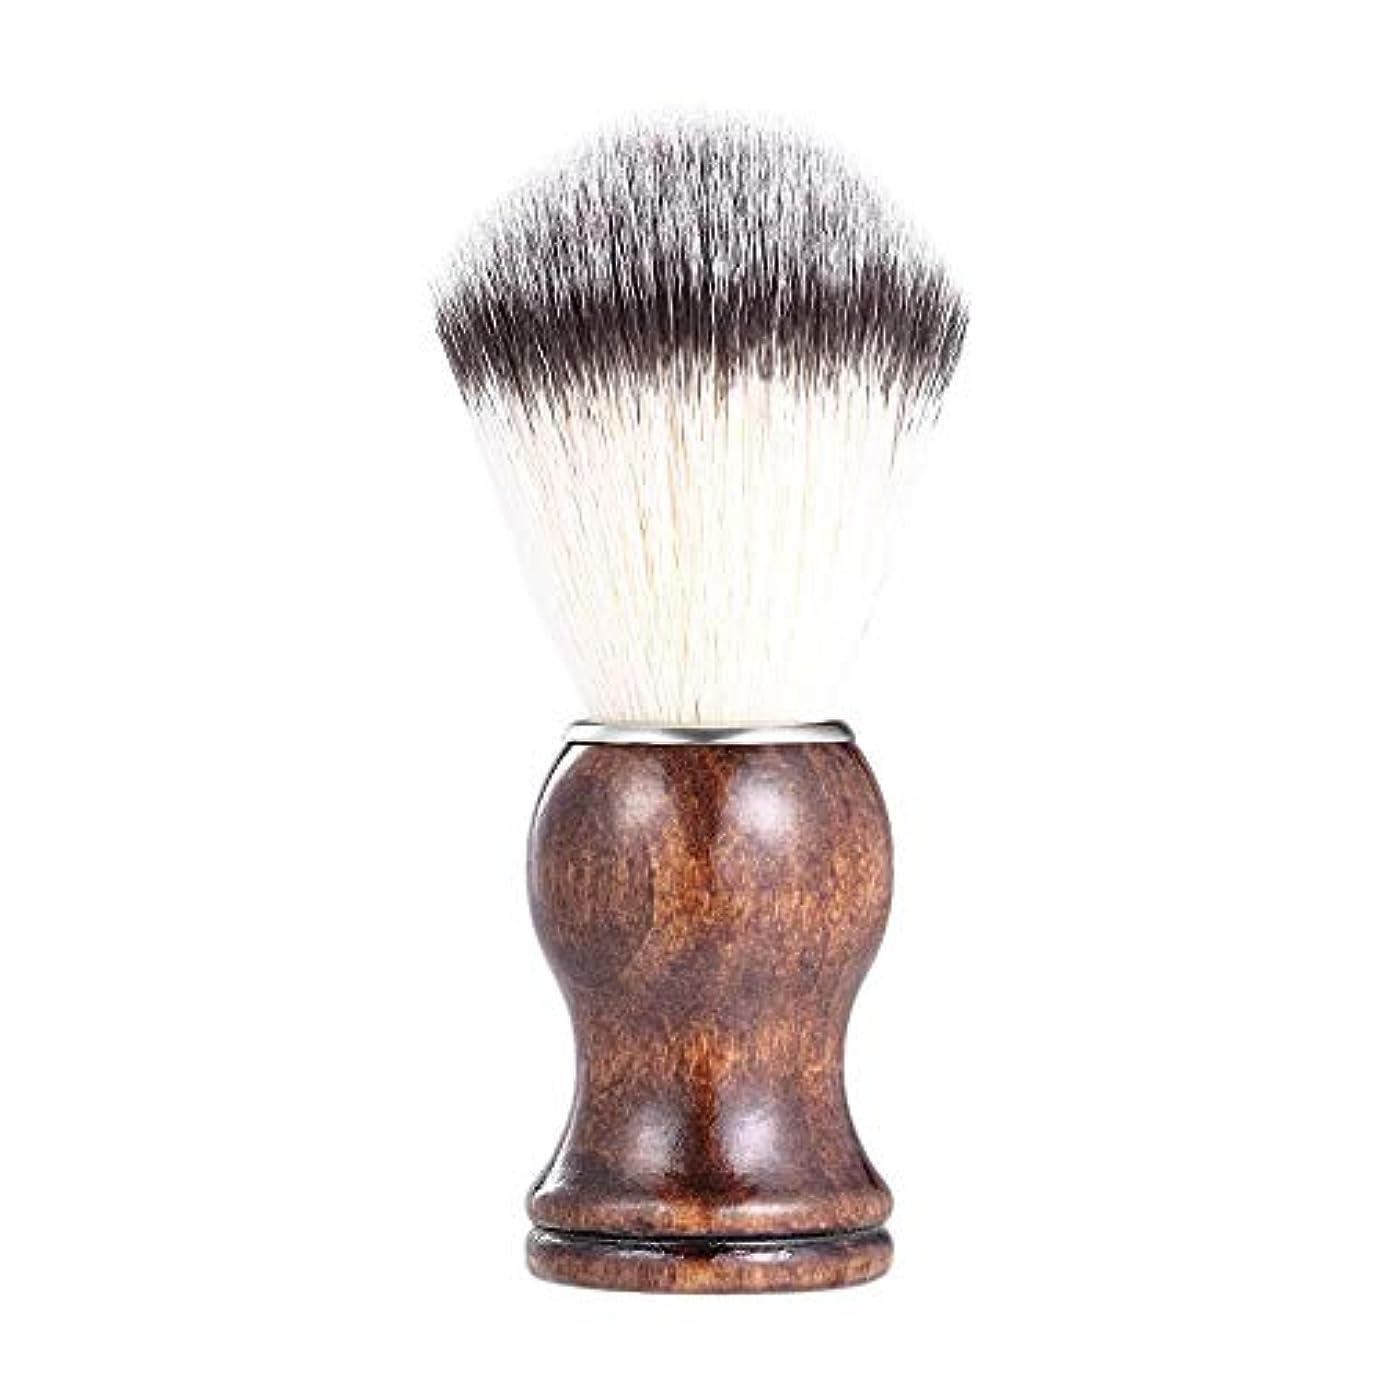 小さい欲求不満場所あごひげケア 美容ツール メンズ用 髭剃り ブラシ シェービングブラシ 木製ハンドル 男性 ギフト理容 洗顔 髭剃り